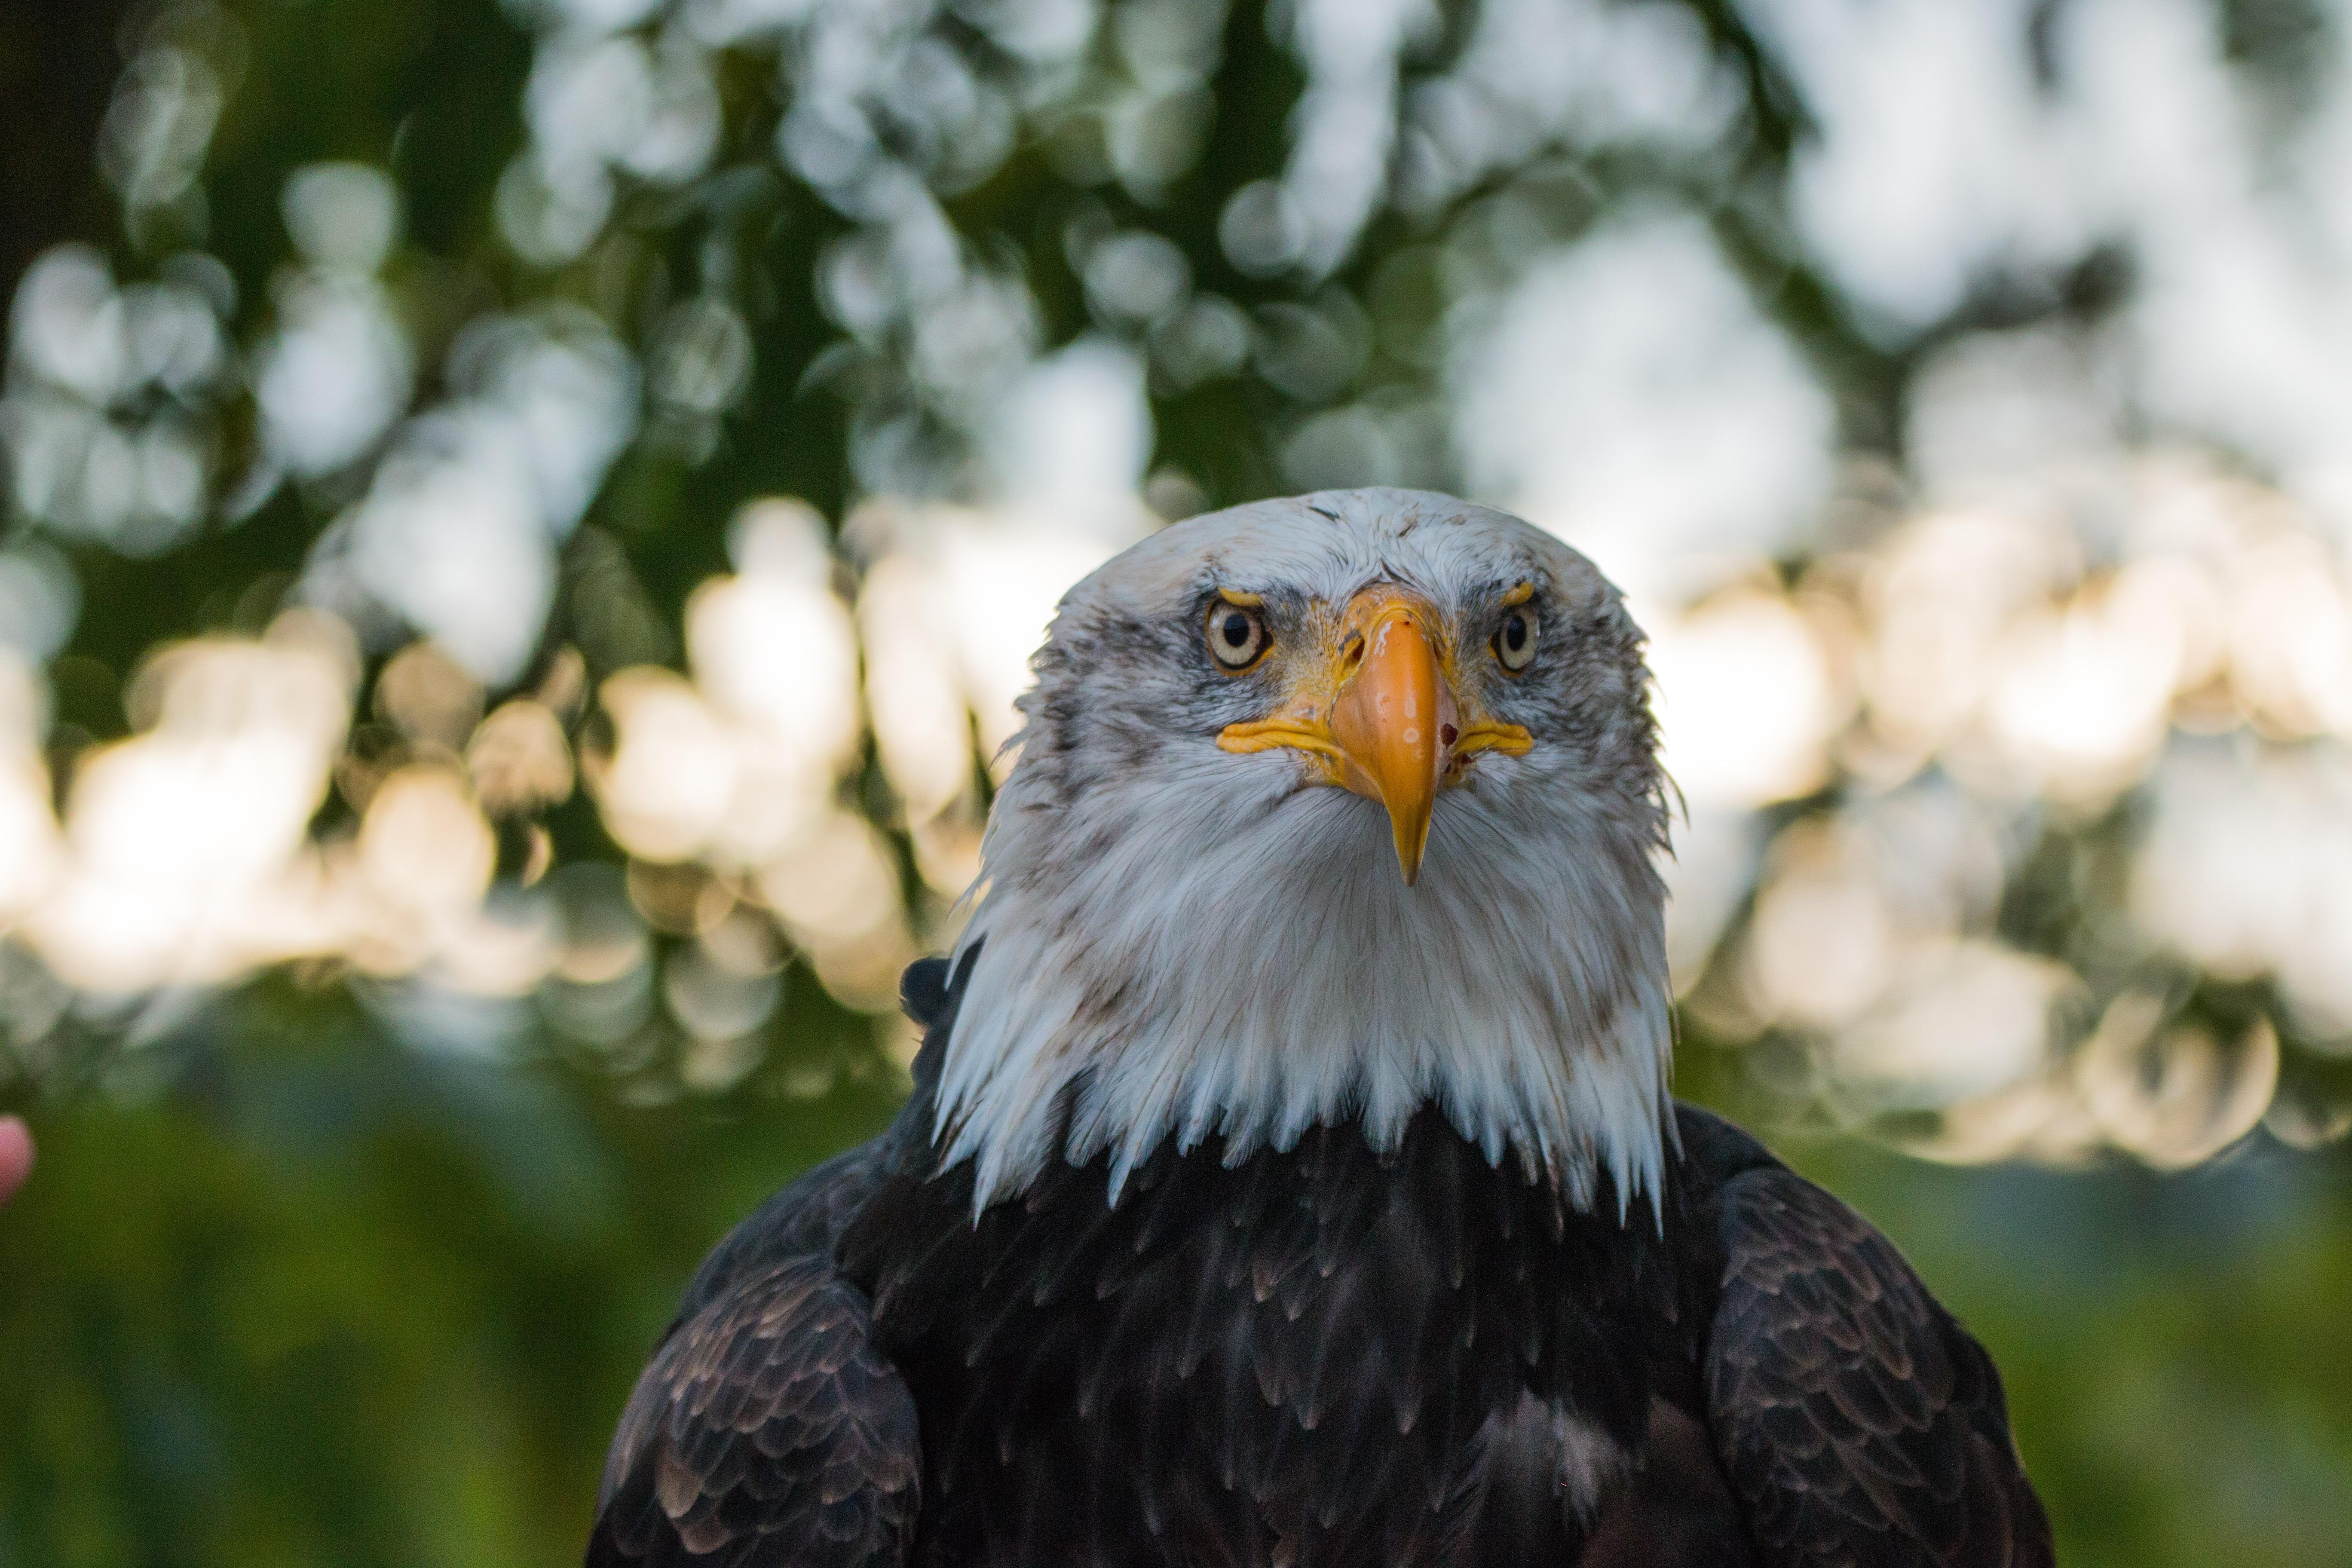 Unis Bec Etats Gratuites La Aigle Nature Faune Images Le O7S0wwq